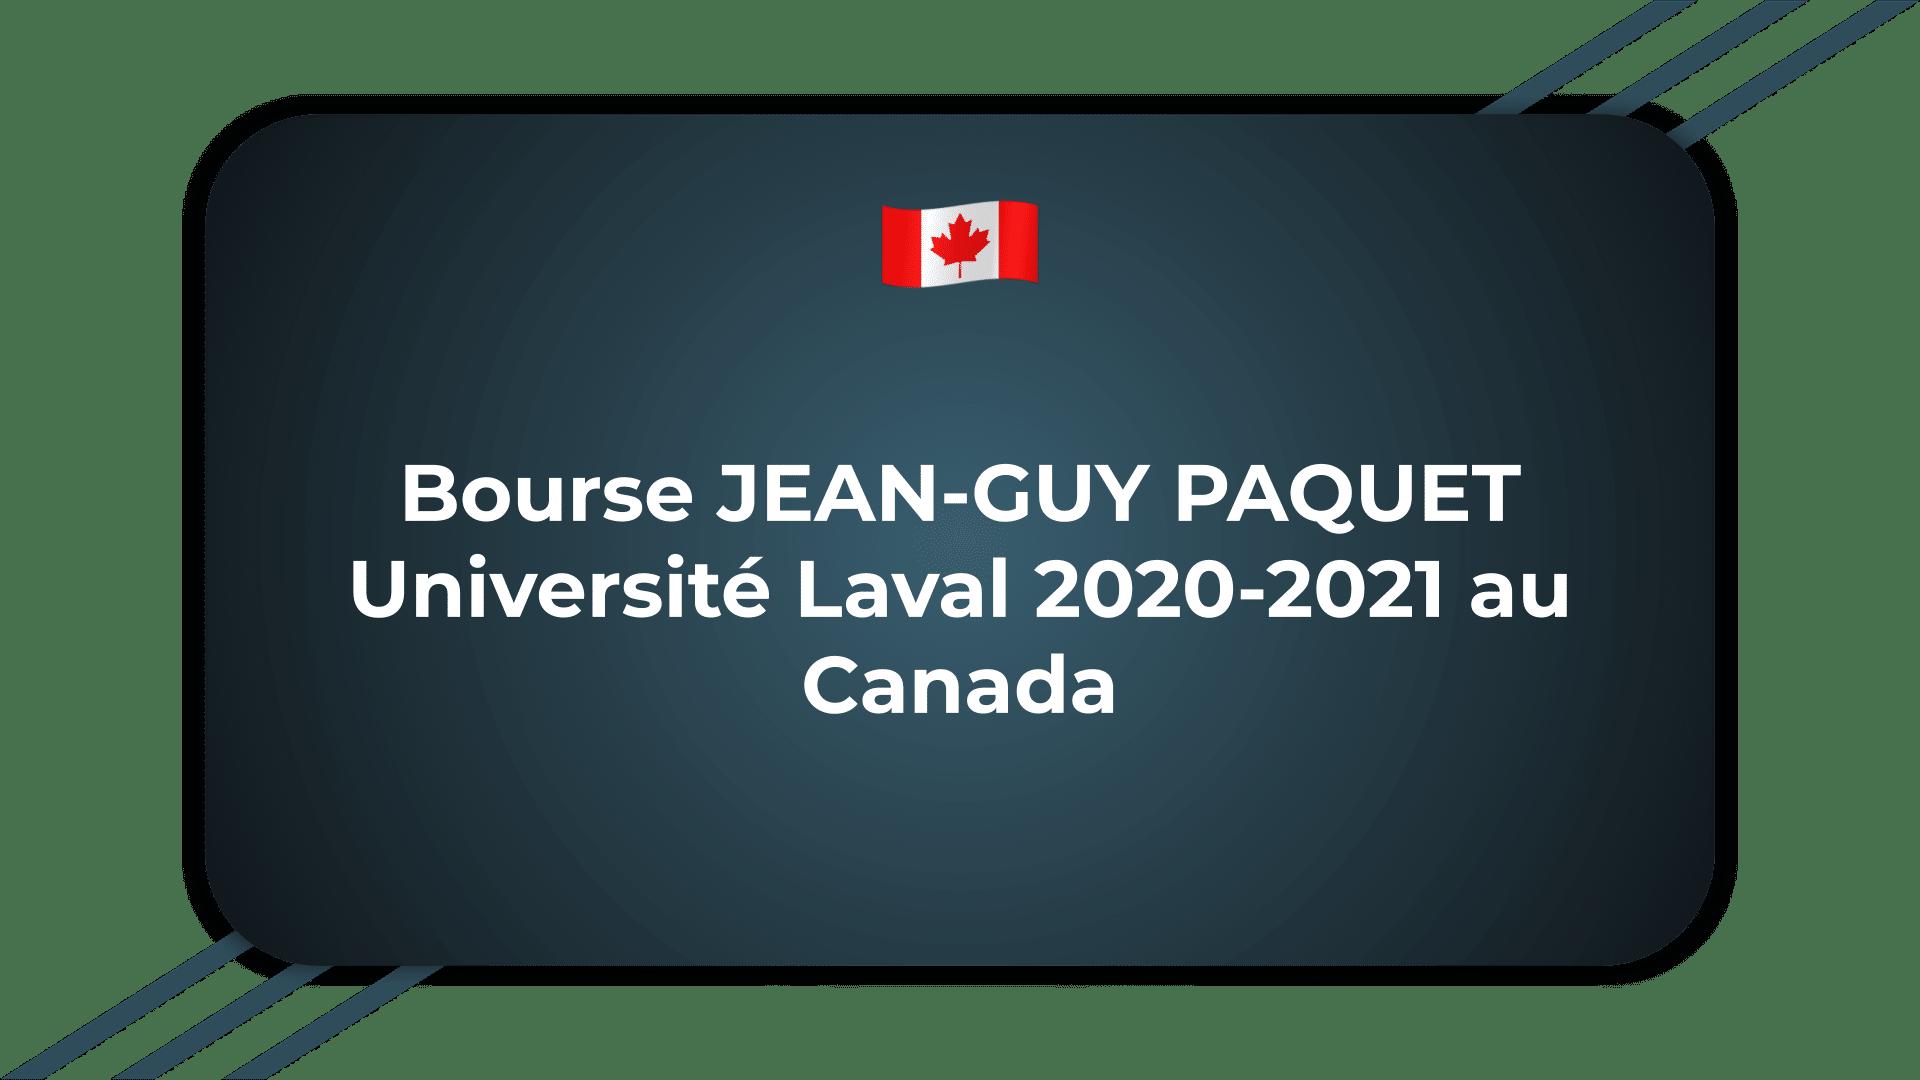 Bourse JEAN-GUY PAQUET Université Laval